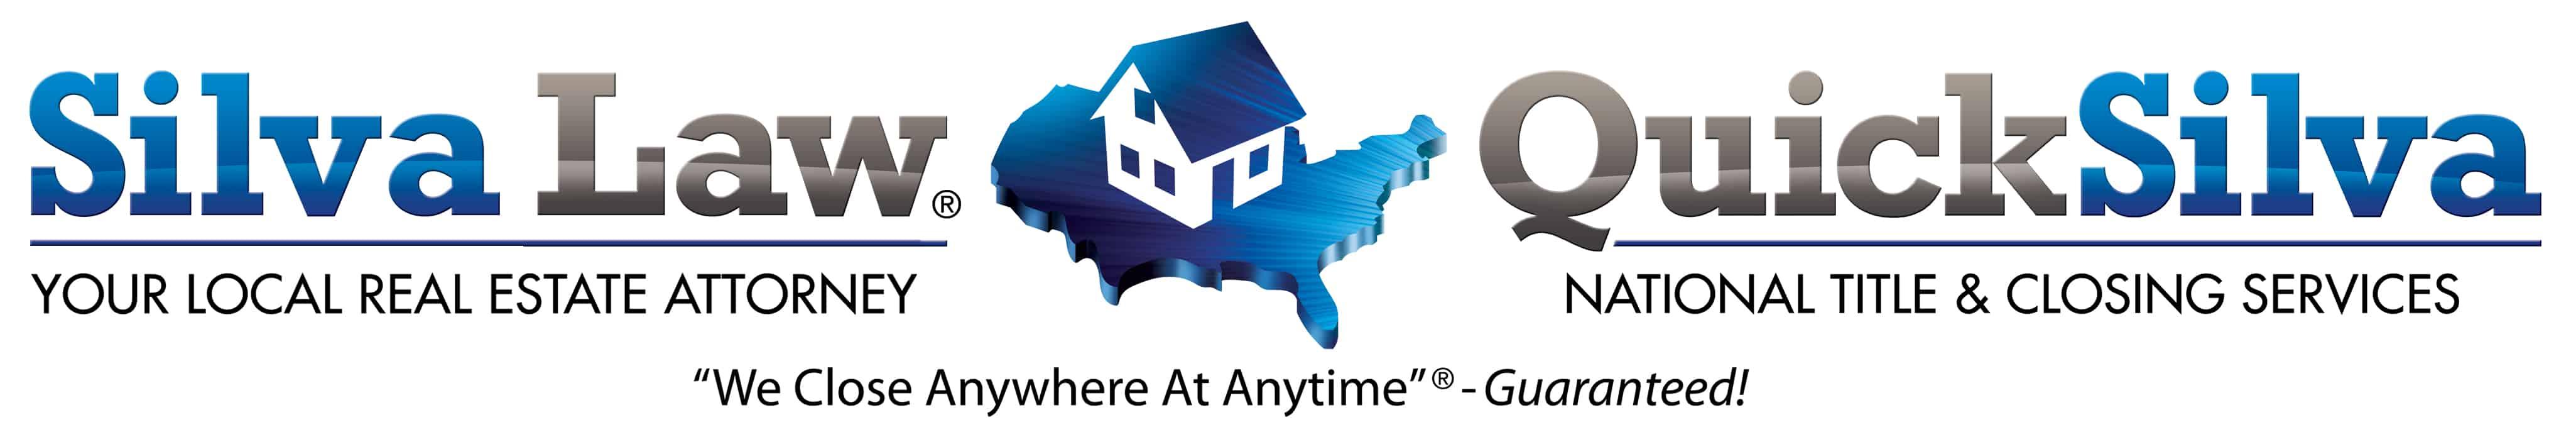 Boston, MA Real Estate Law & Attorneys | Silva Law QuickSilva Real Estate Law, Title & Closing Services